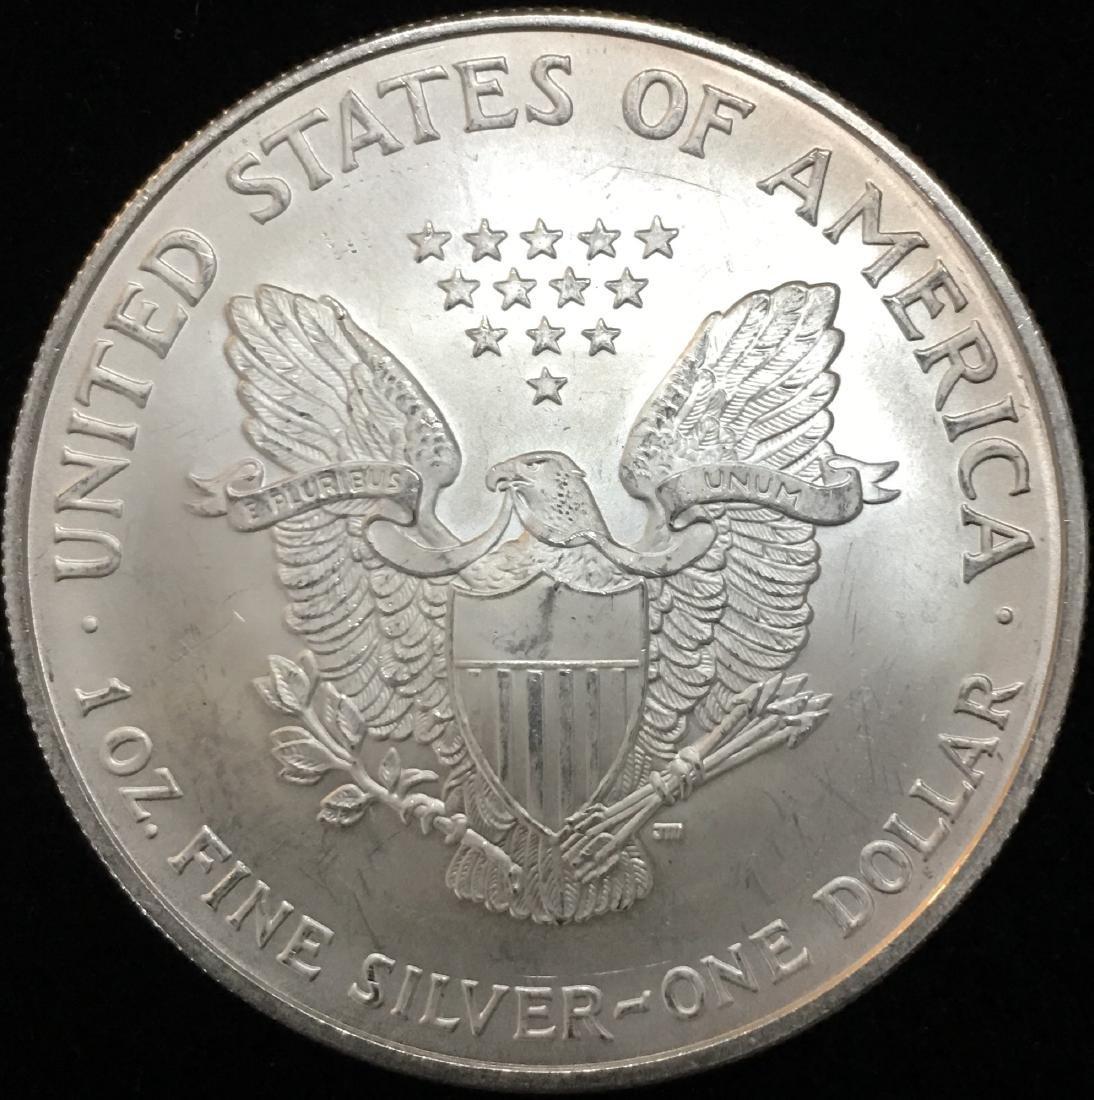 2006 $1 American Silver Eagle 1 oz. Fine Silver BU - 2